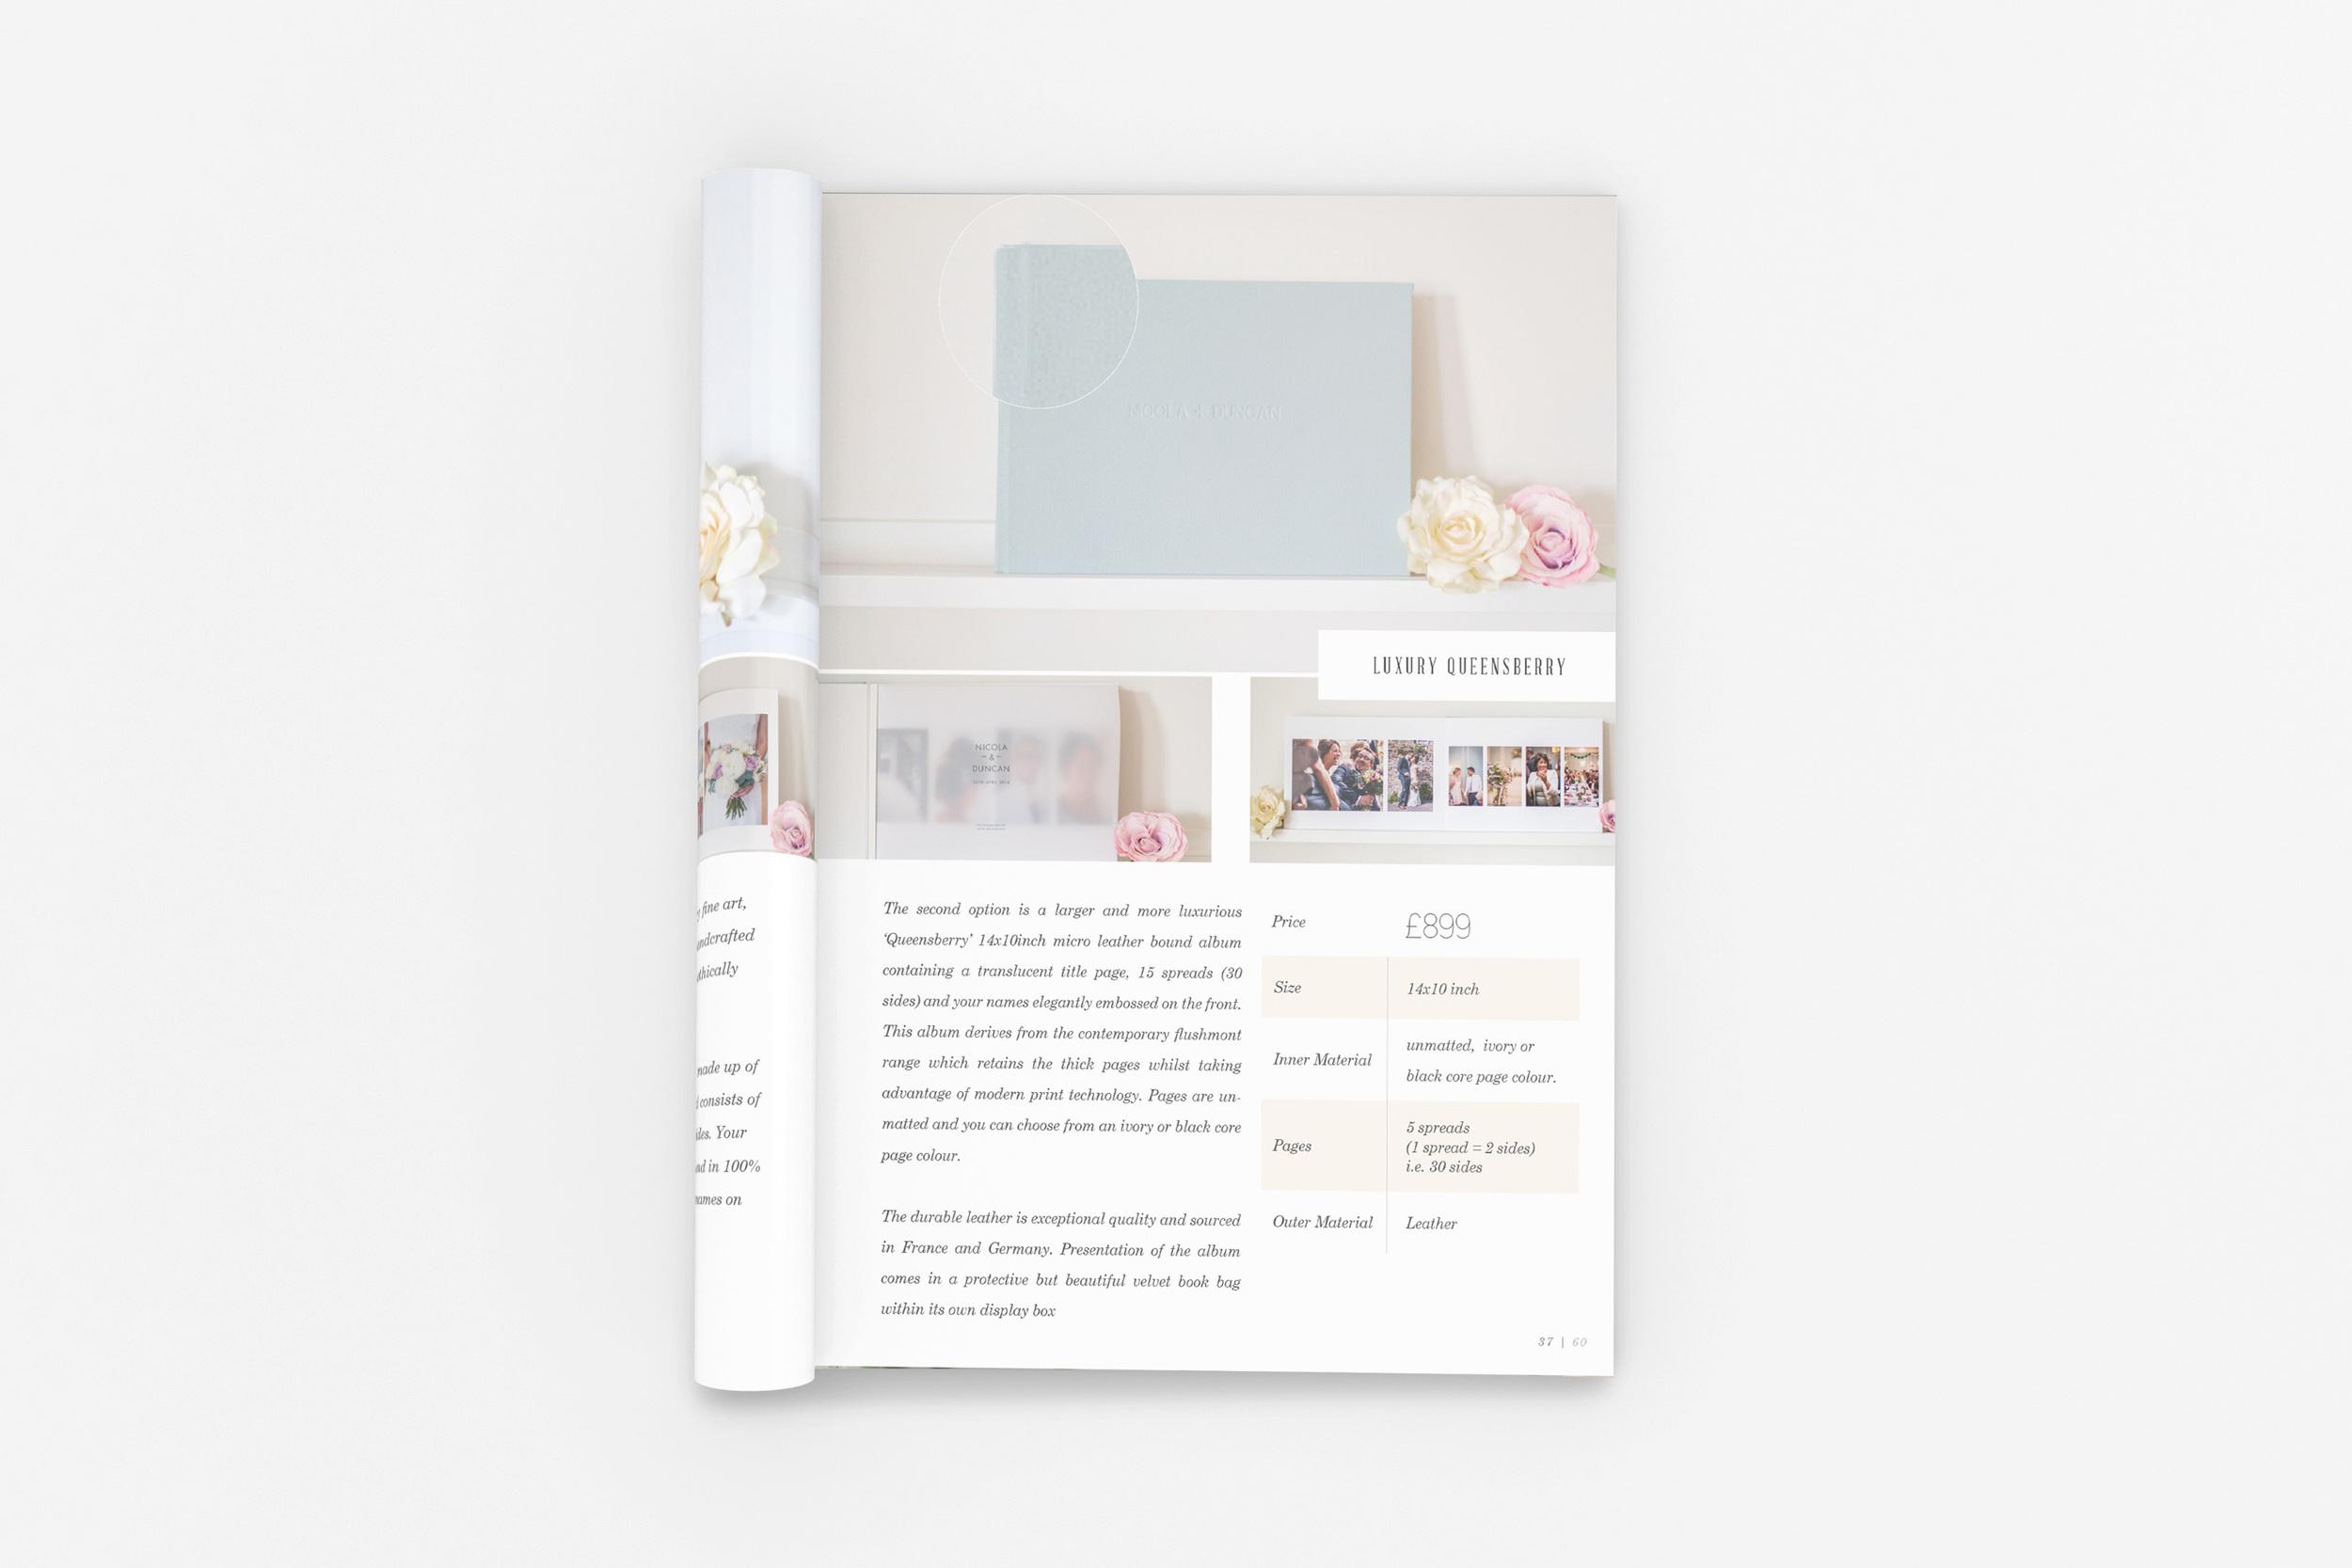 JMP_brochure06_2.jpg